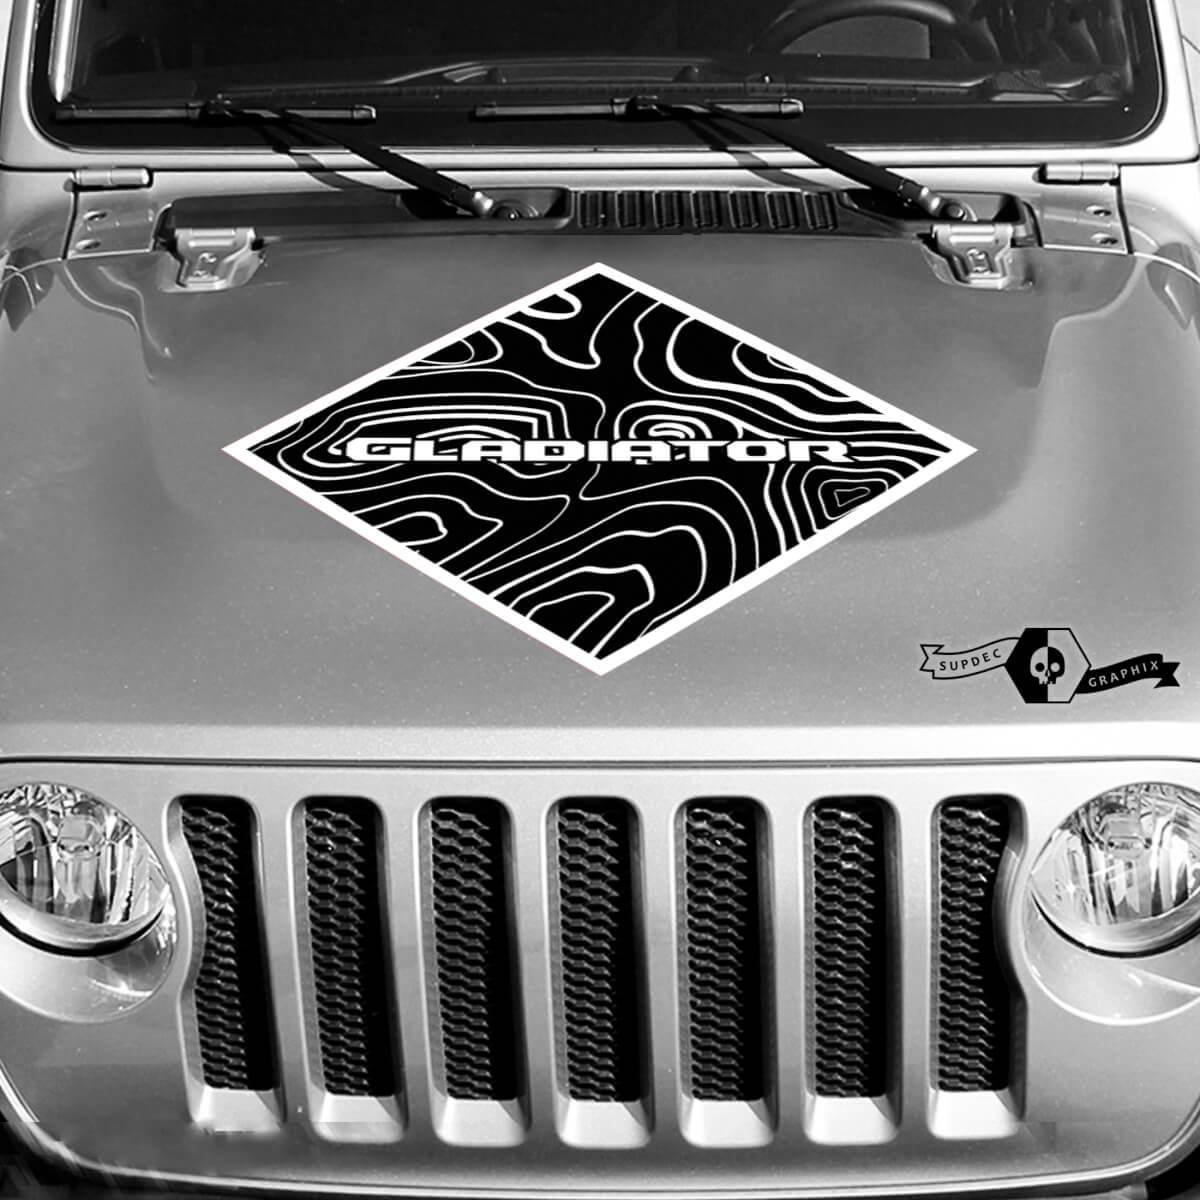 Jeep Graphics Kit Vinyl Wrap Decal Blackout Contour Map Hood Square Stil Aufkleber 2 Farben